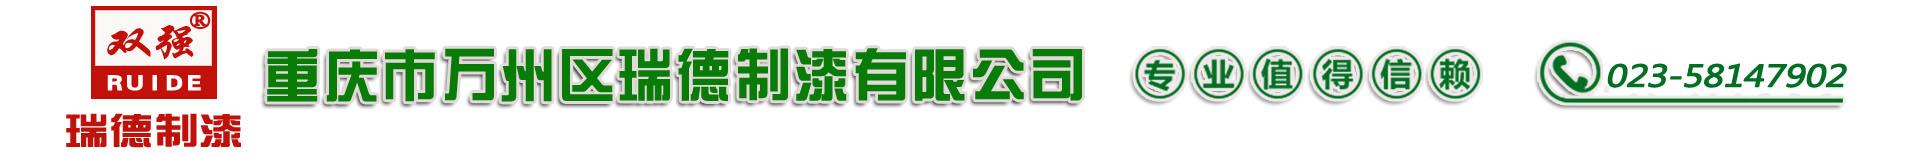 永利皇宫官网